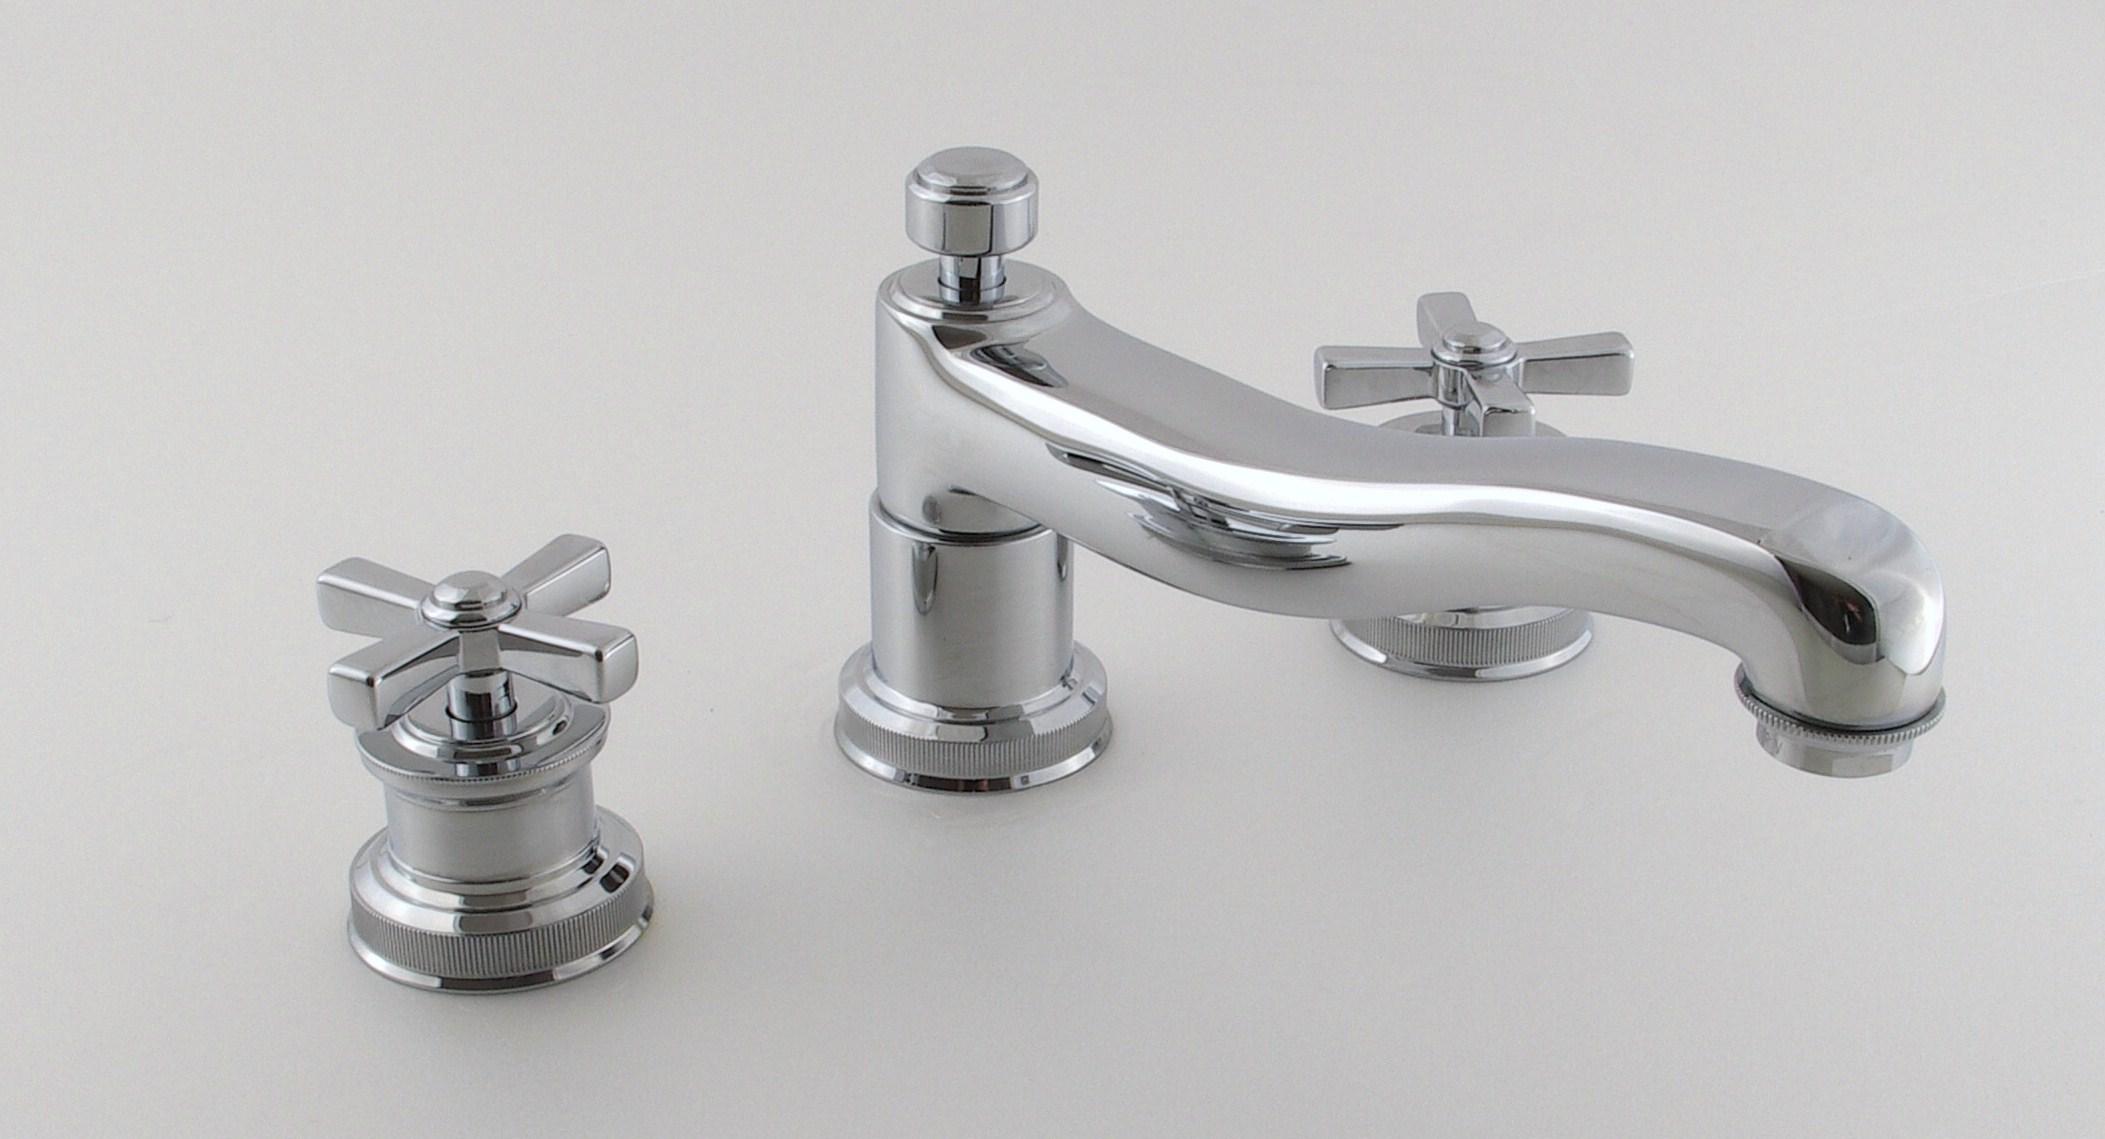 Смеситель для ванны Cristal-et-Bronze City , арт. 25643-94, на 3 отверстия монтаж бортике ванны